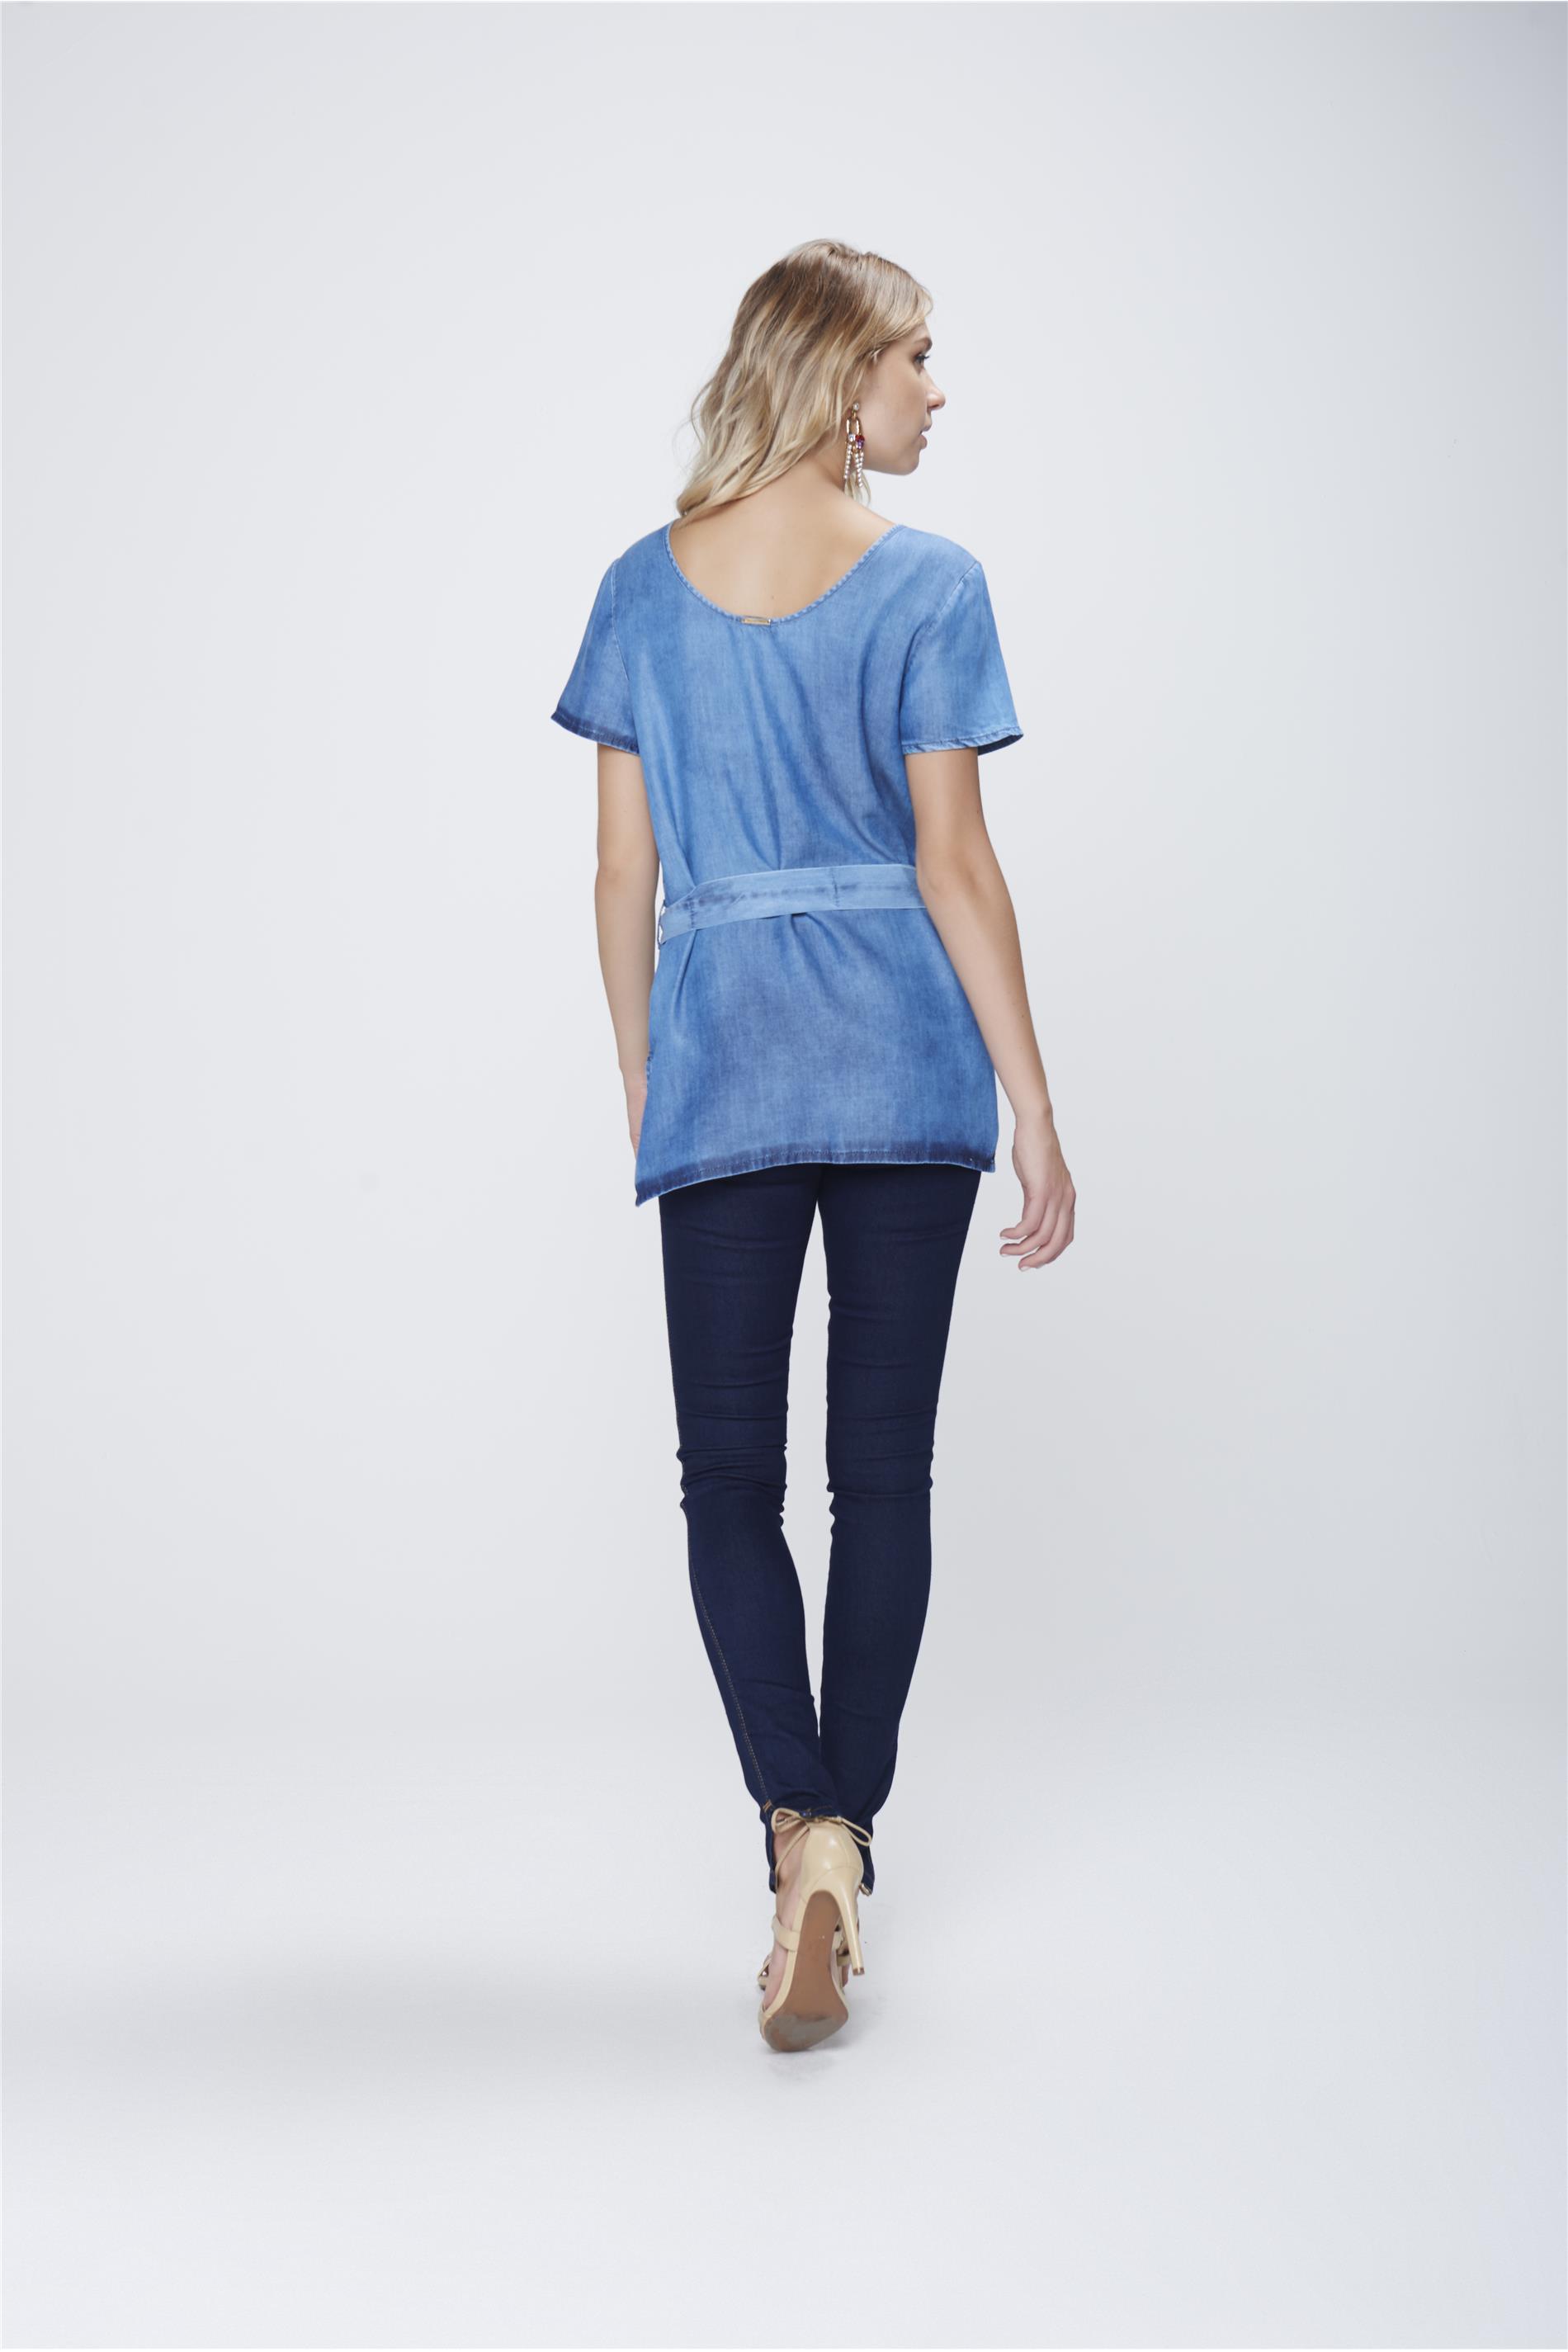 2f7a0f03a9 Blusa Jeans com Cinto Feminina - Damyller